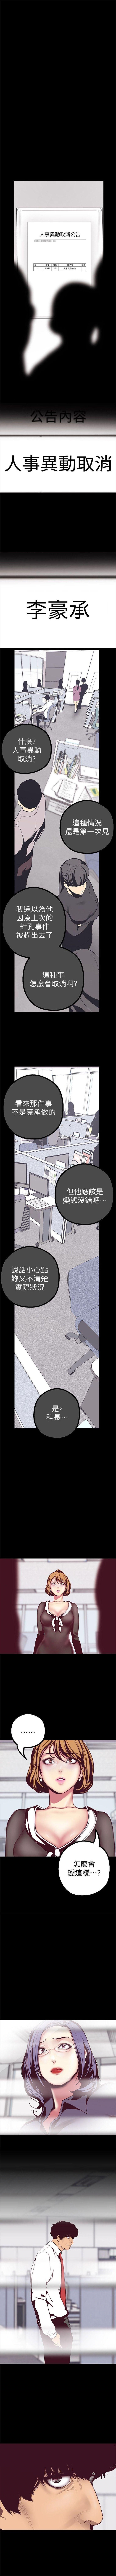 美麗新世界 1-85 官方中文(連載中) 115